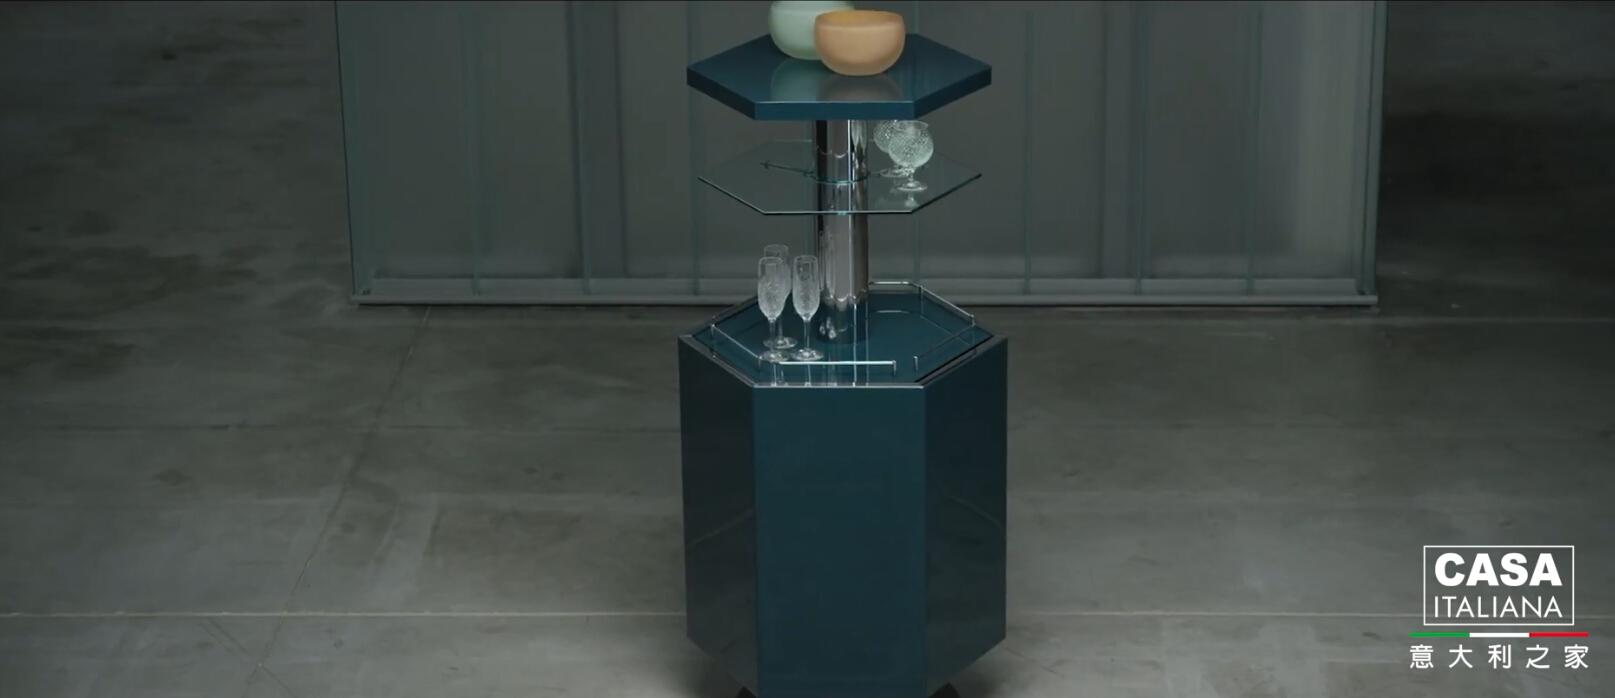 #意大利之家#Roche Bobois玻璃工艺的全新概念!-意大利之家